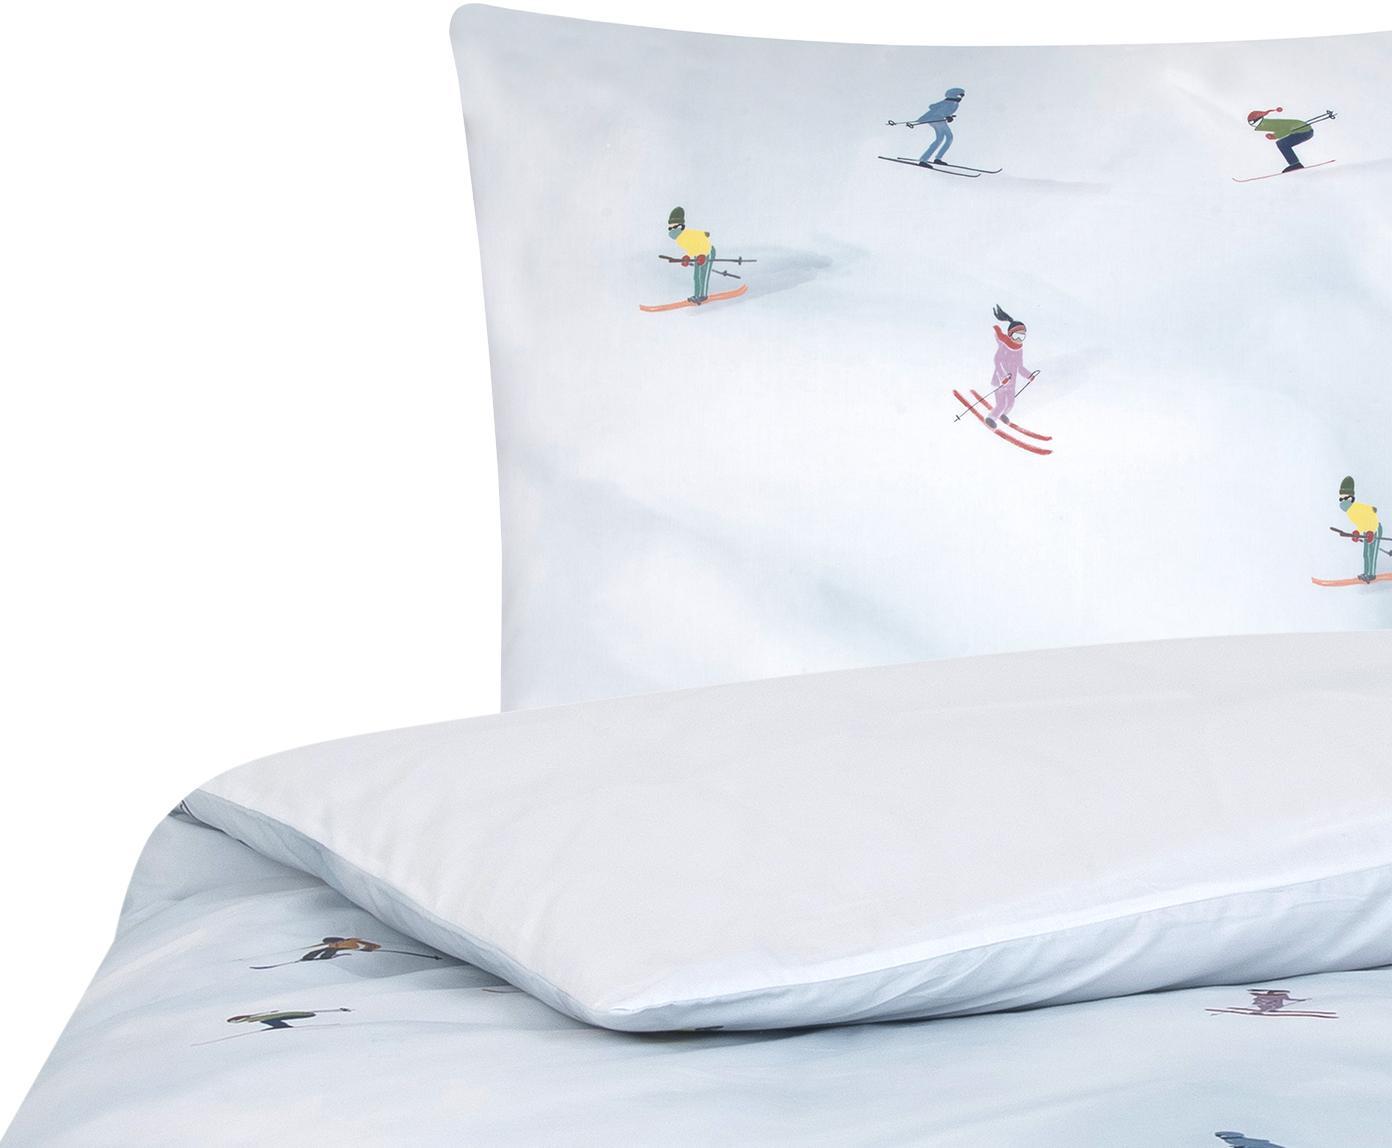 Designer Baumwollperkal-Bettwäsche Ski von Kera Till, Webart: Perkal, Weiss, Mehrfarbig, 135 x 200 cm + 1 Kissen 80 x 80 cm